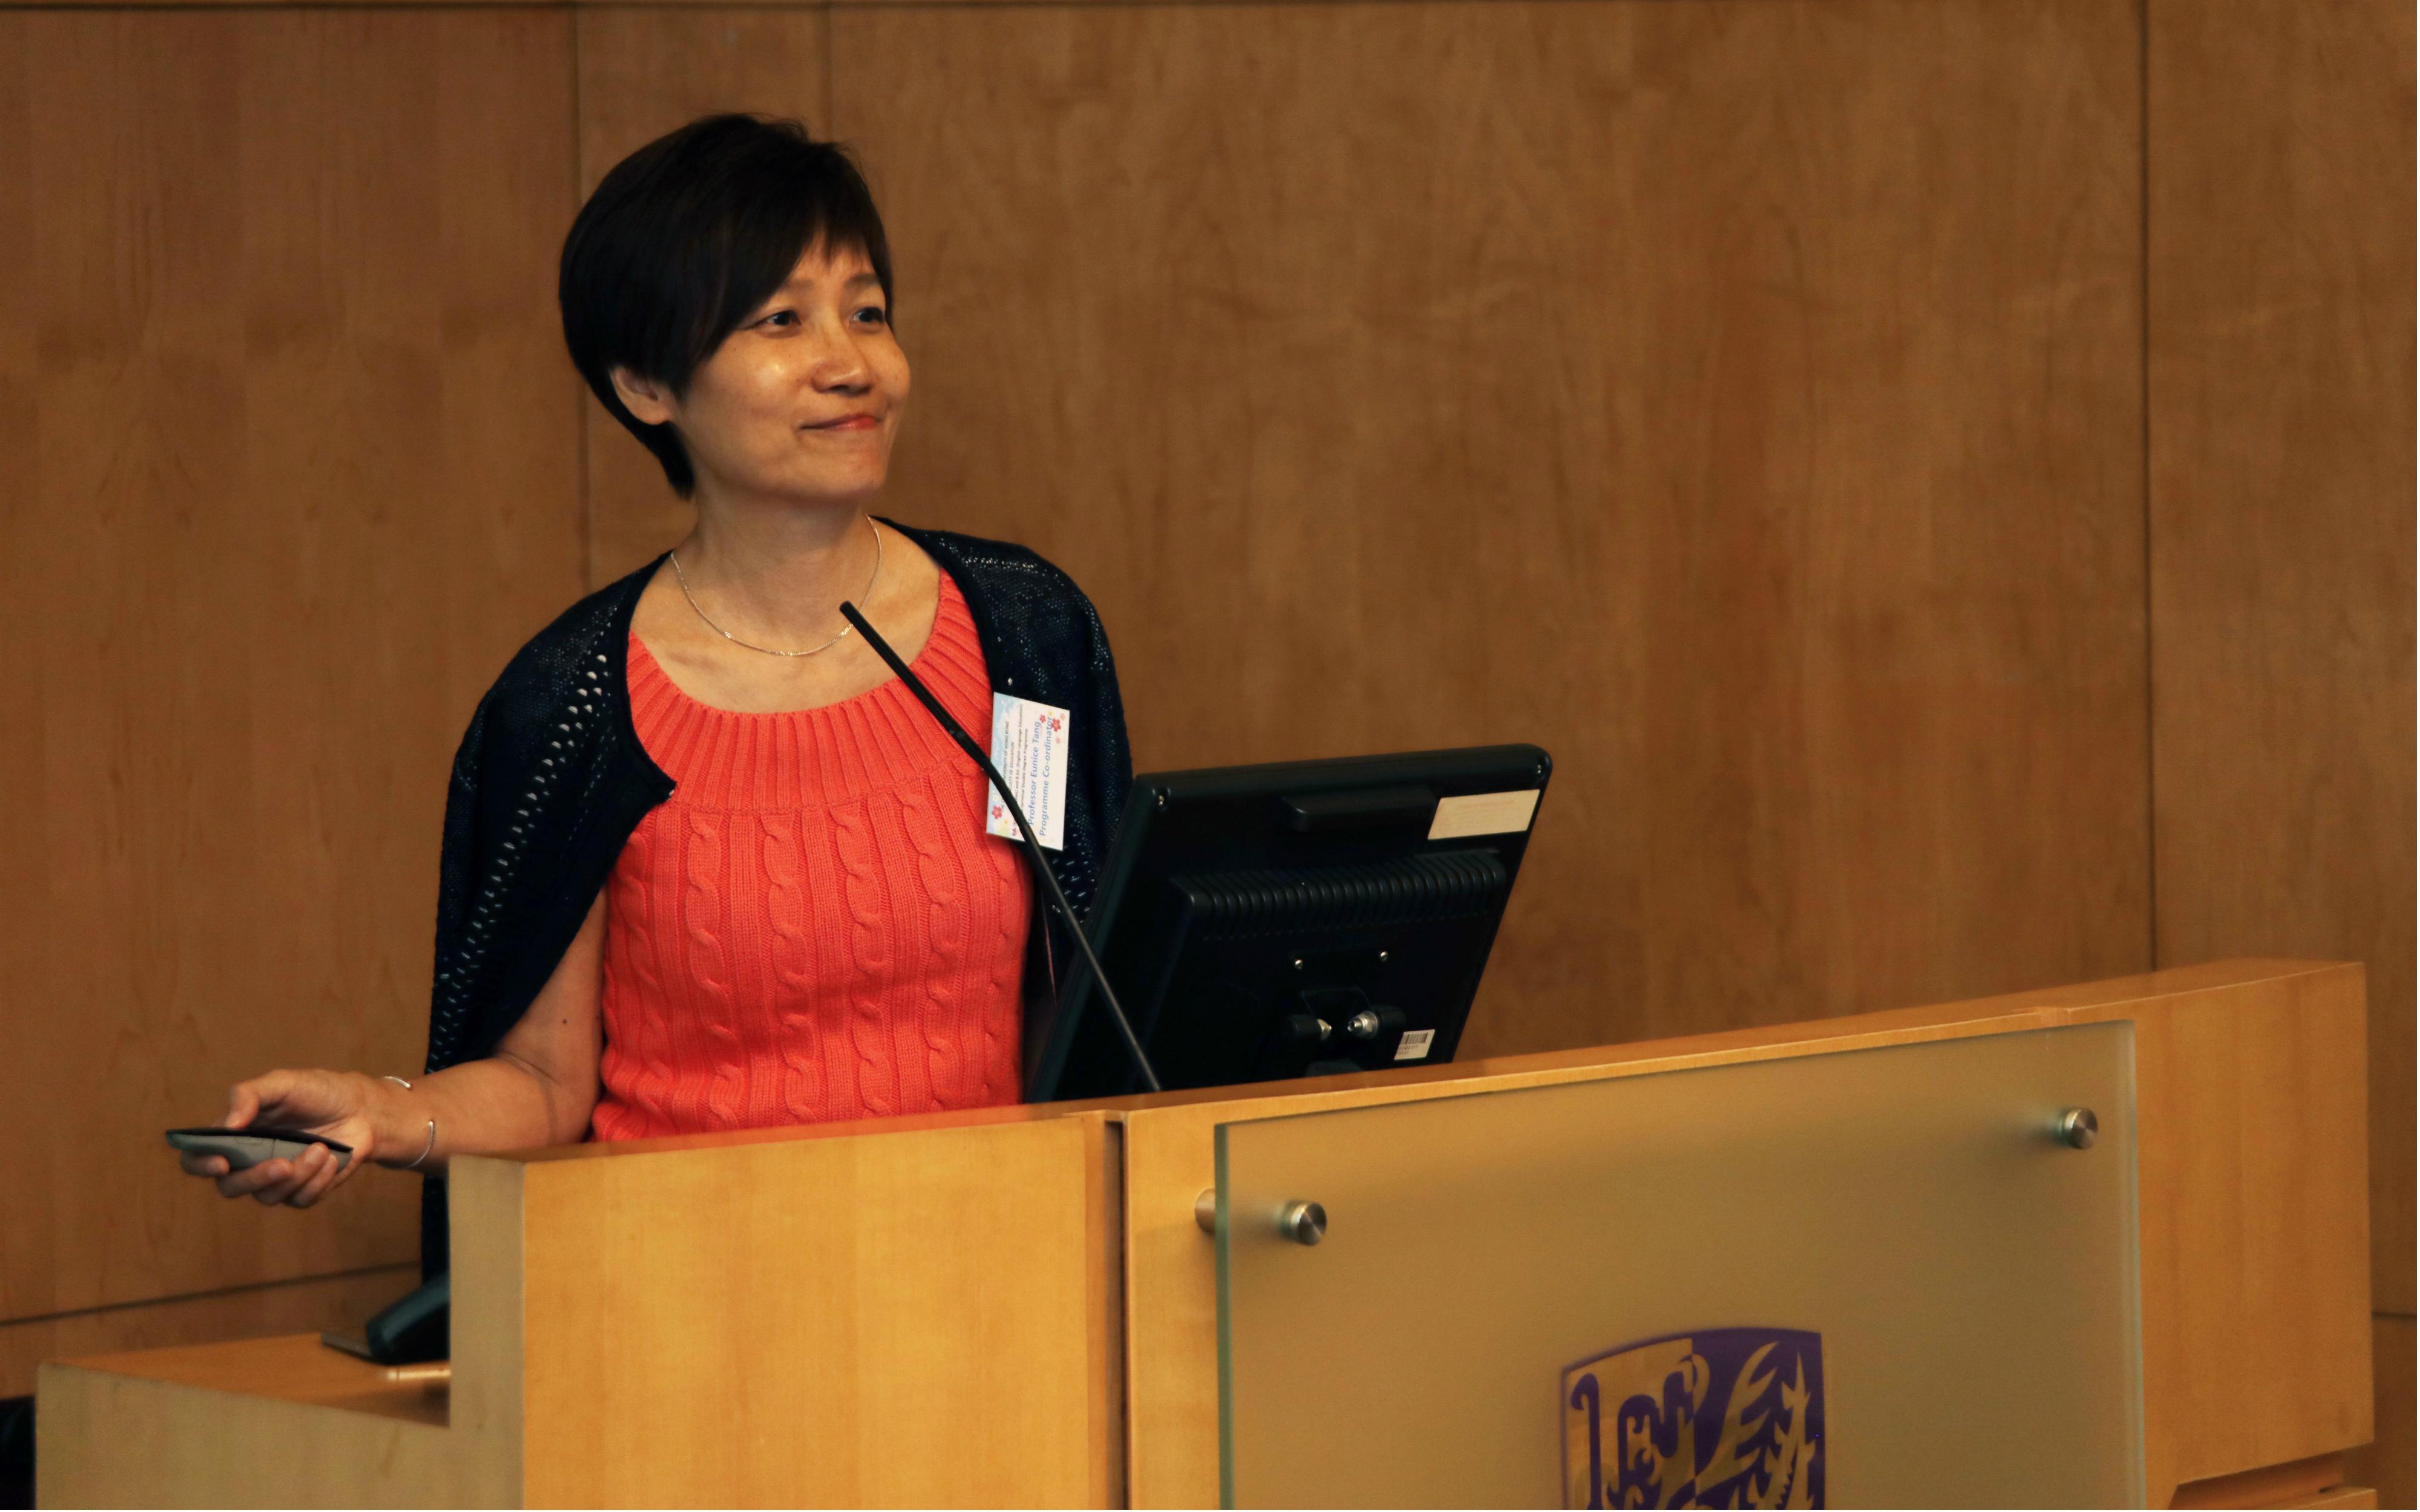 Prof. TANG Lai-yiu, Eunice